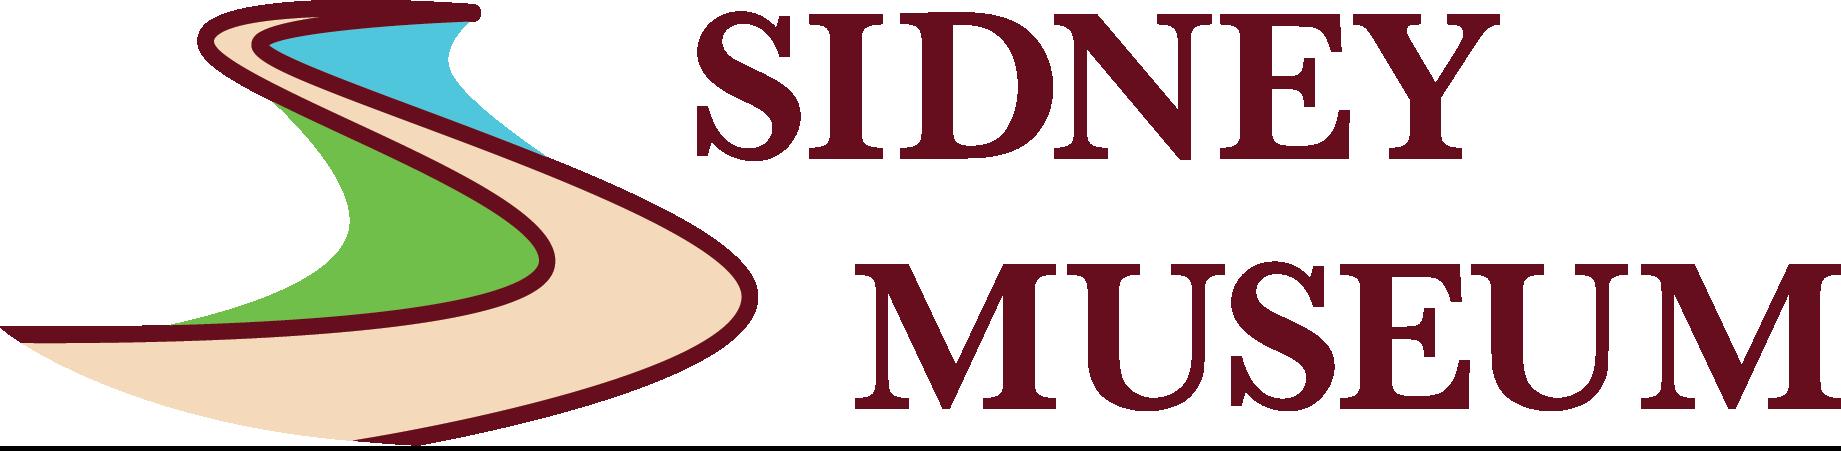 Sidney Museum